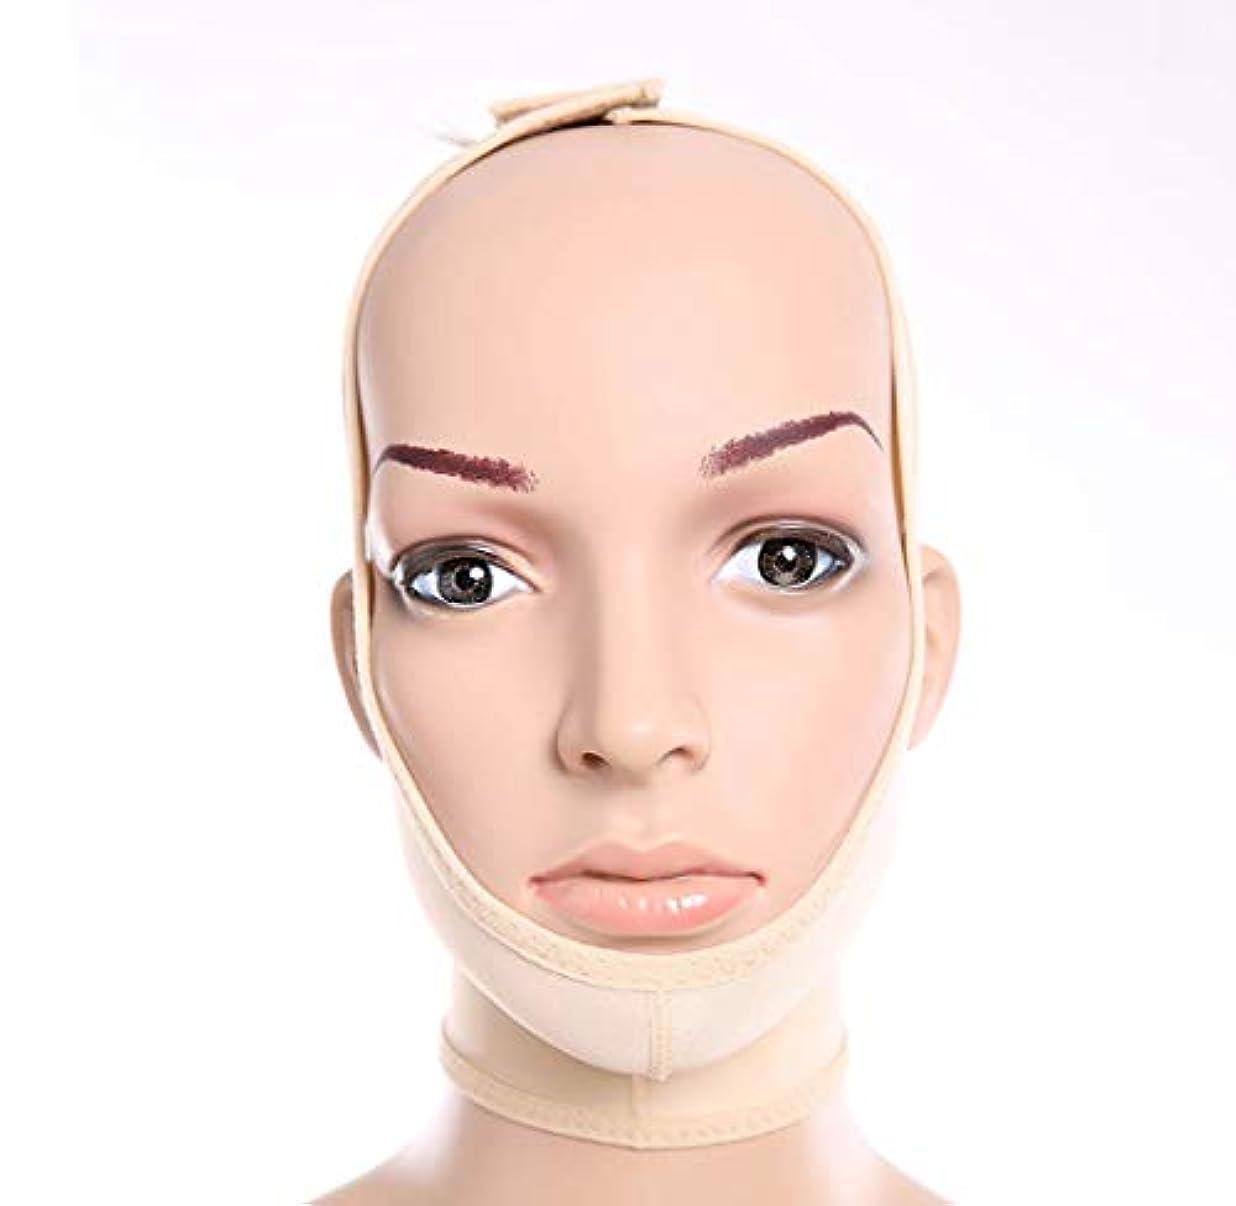 消える短命爪XHLMRMJ 顔と首のリフト、減量術後弾性スリーブジョーセット顔アーティファクトv顔顔面バンドルダブルあご薄い顔かつら (Size : XS)